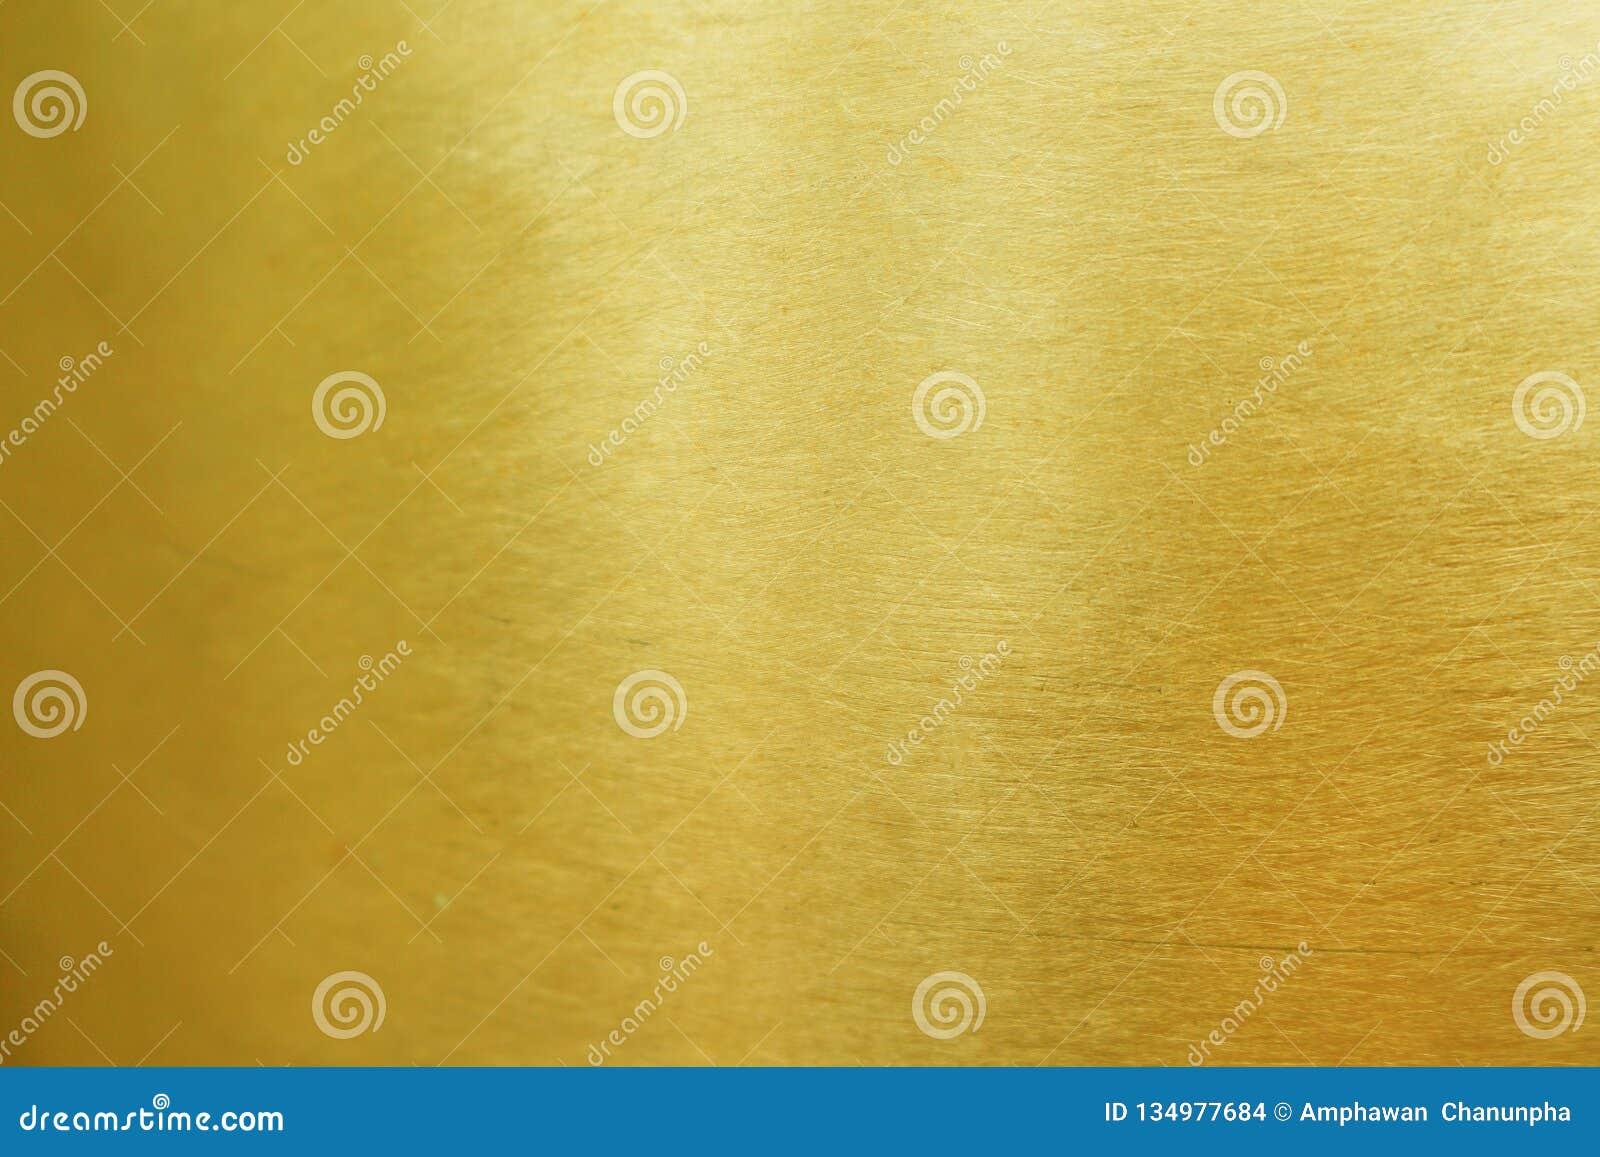 Modelos de cobre amarillo textura, extracto del oro del metal para el fondo